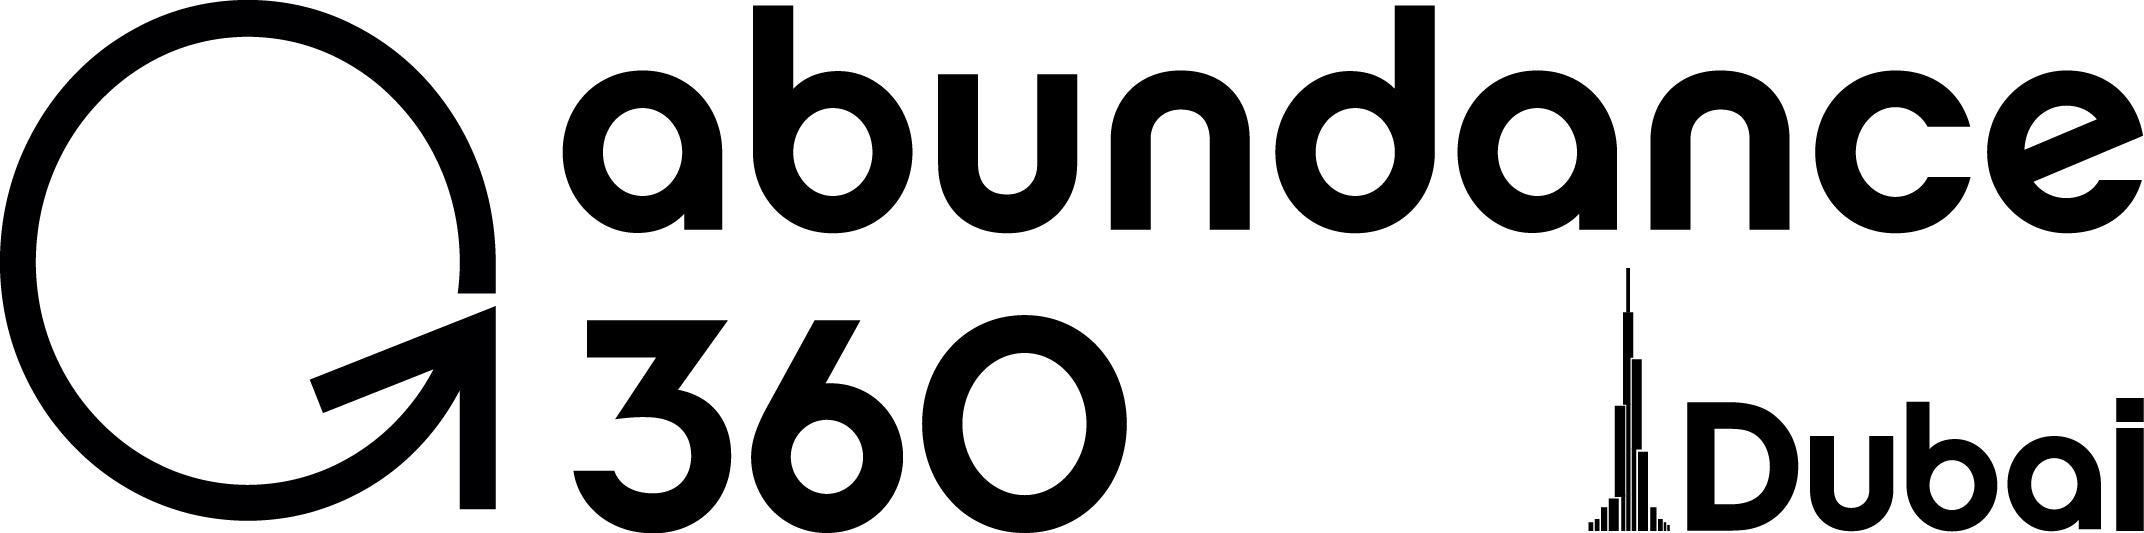 Abundance360 Dubai Logo .jpg